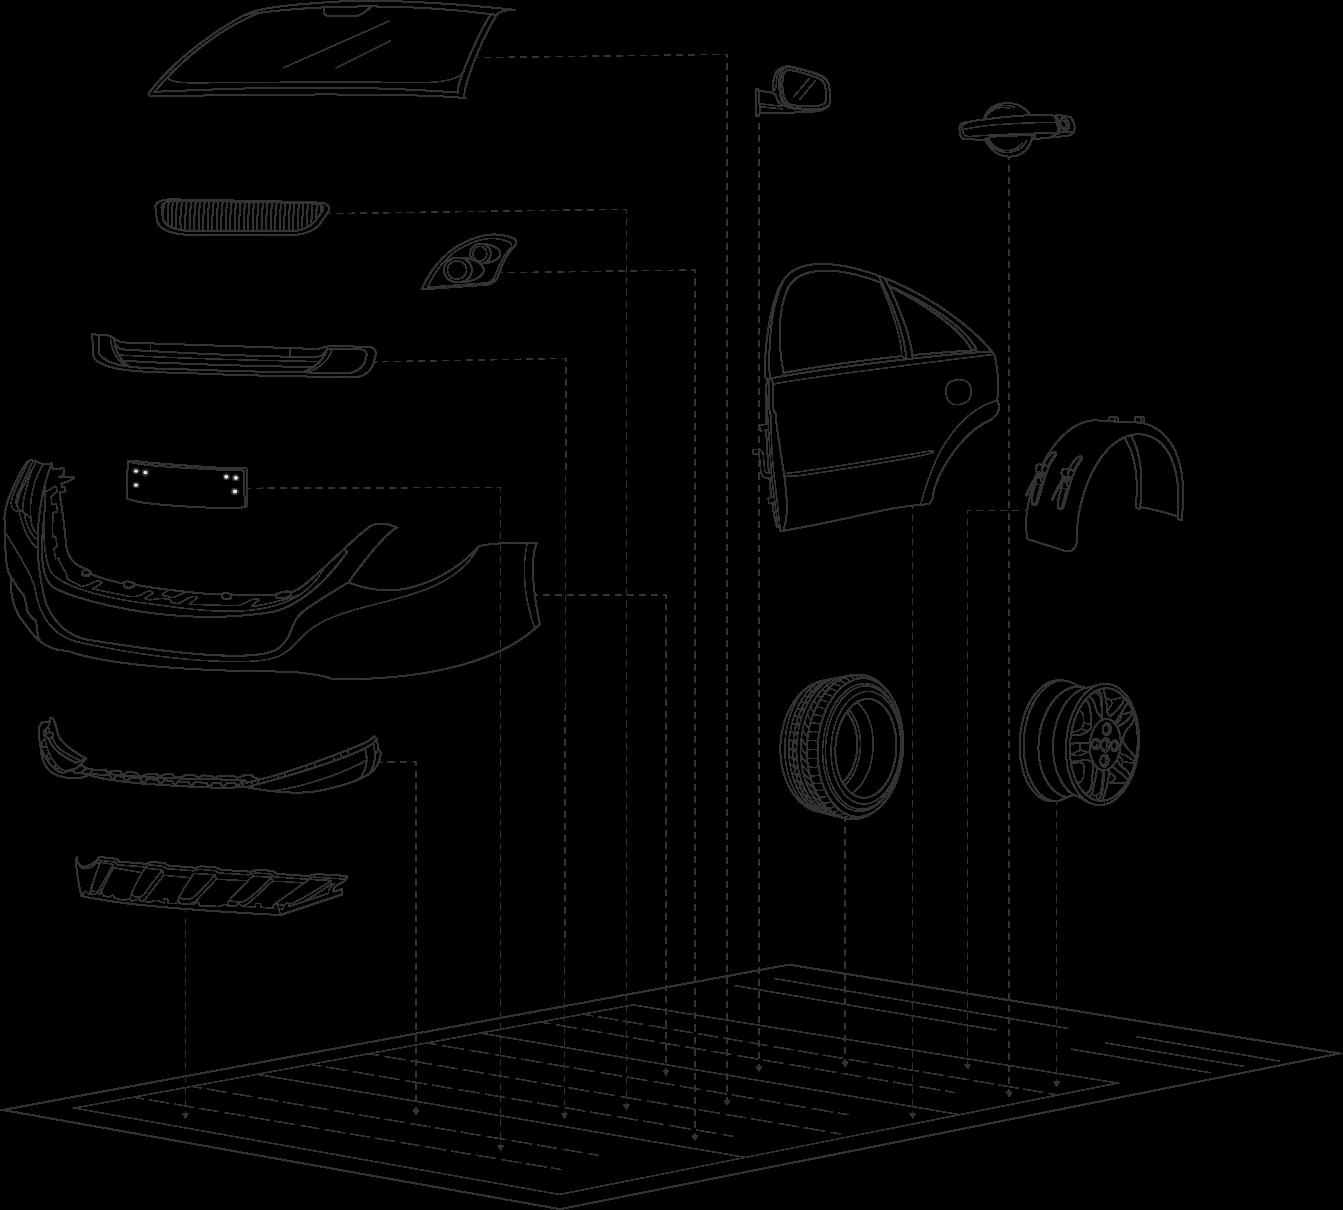 Autoteile - Illustration